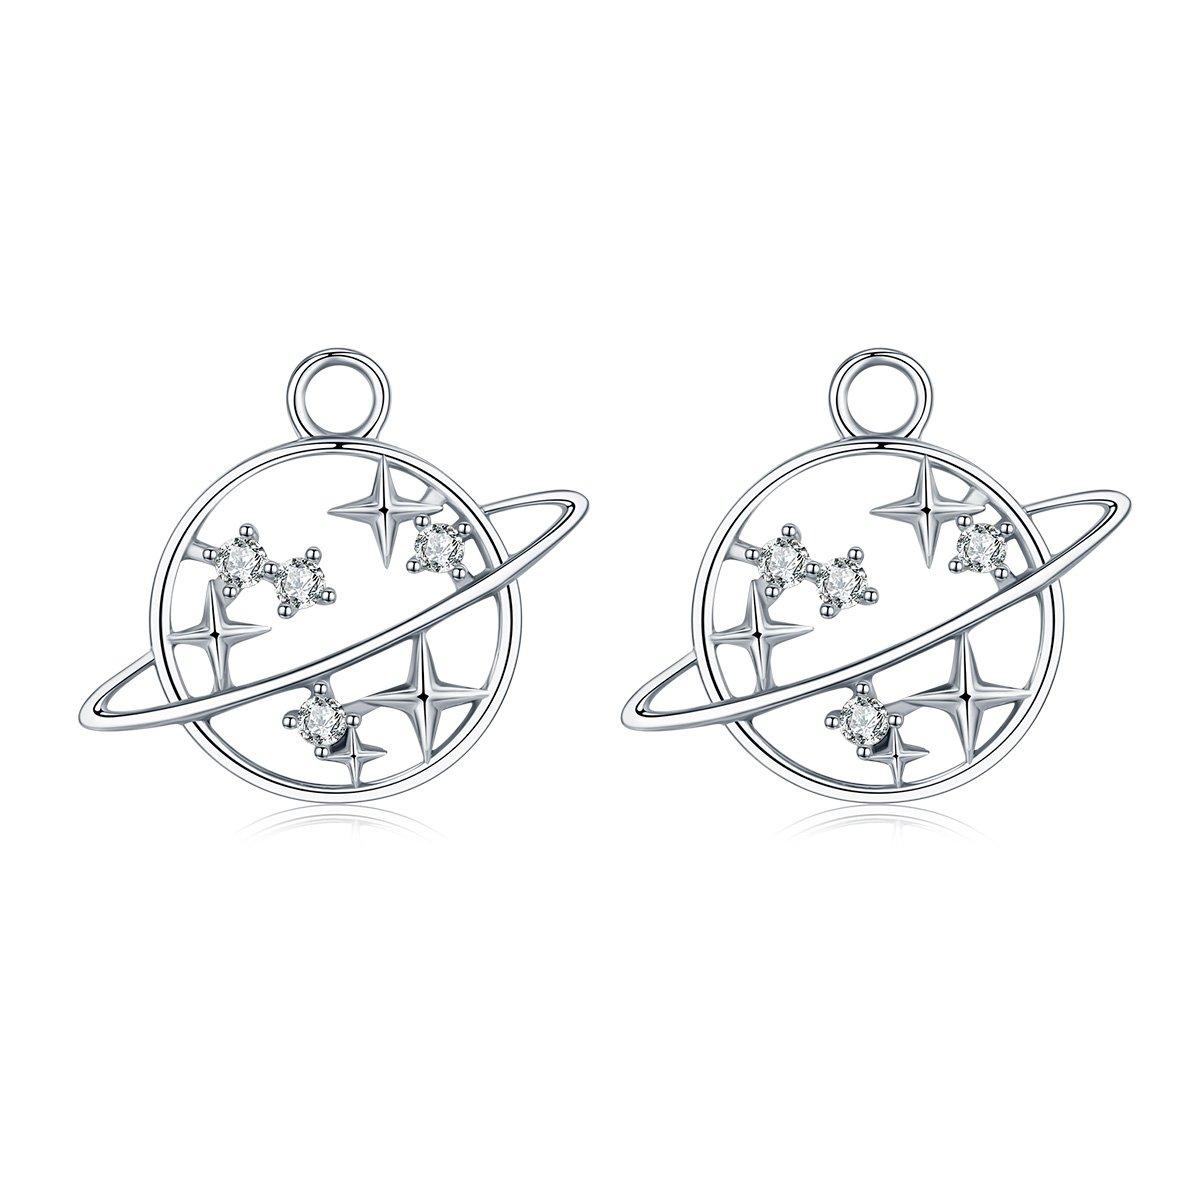 WOSTU Travel World Charms fit Stud Earrings 925 Sterling Silver Earrings Charms Ear Jacket Earrings